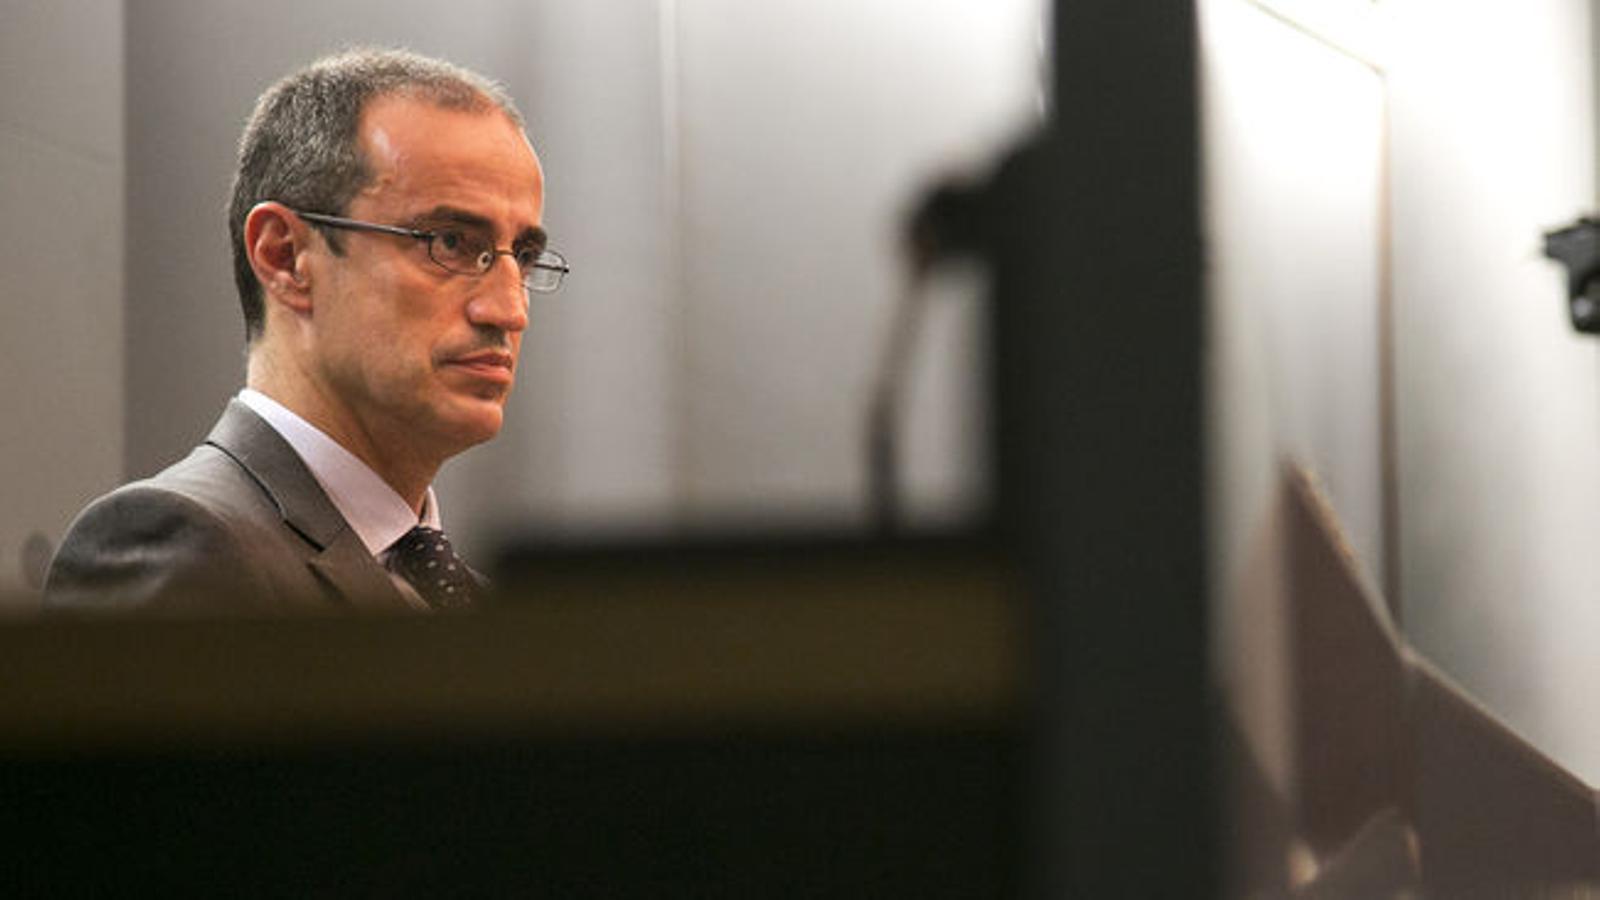 Vives nega davant el jutge irregularitats en les adjudicacions de l'Ajuntament de Barcelona a l'època Trias